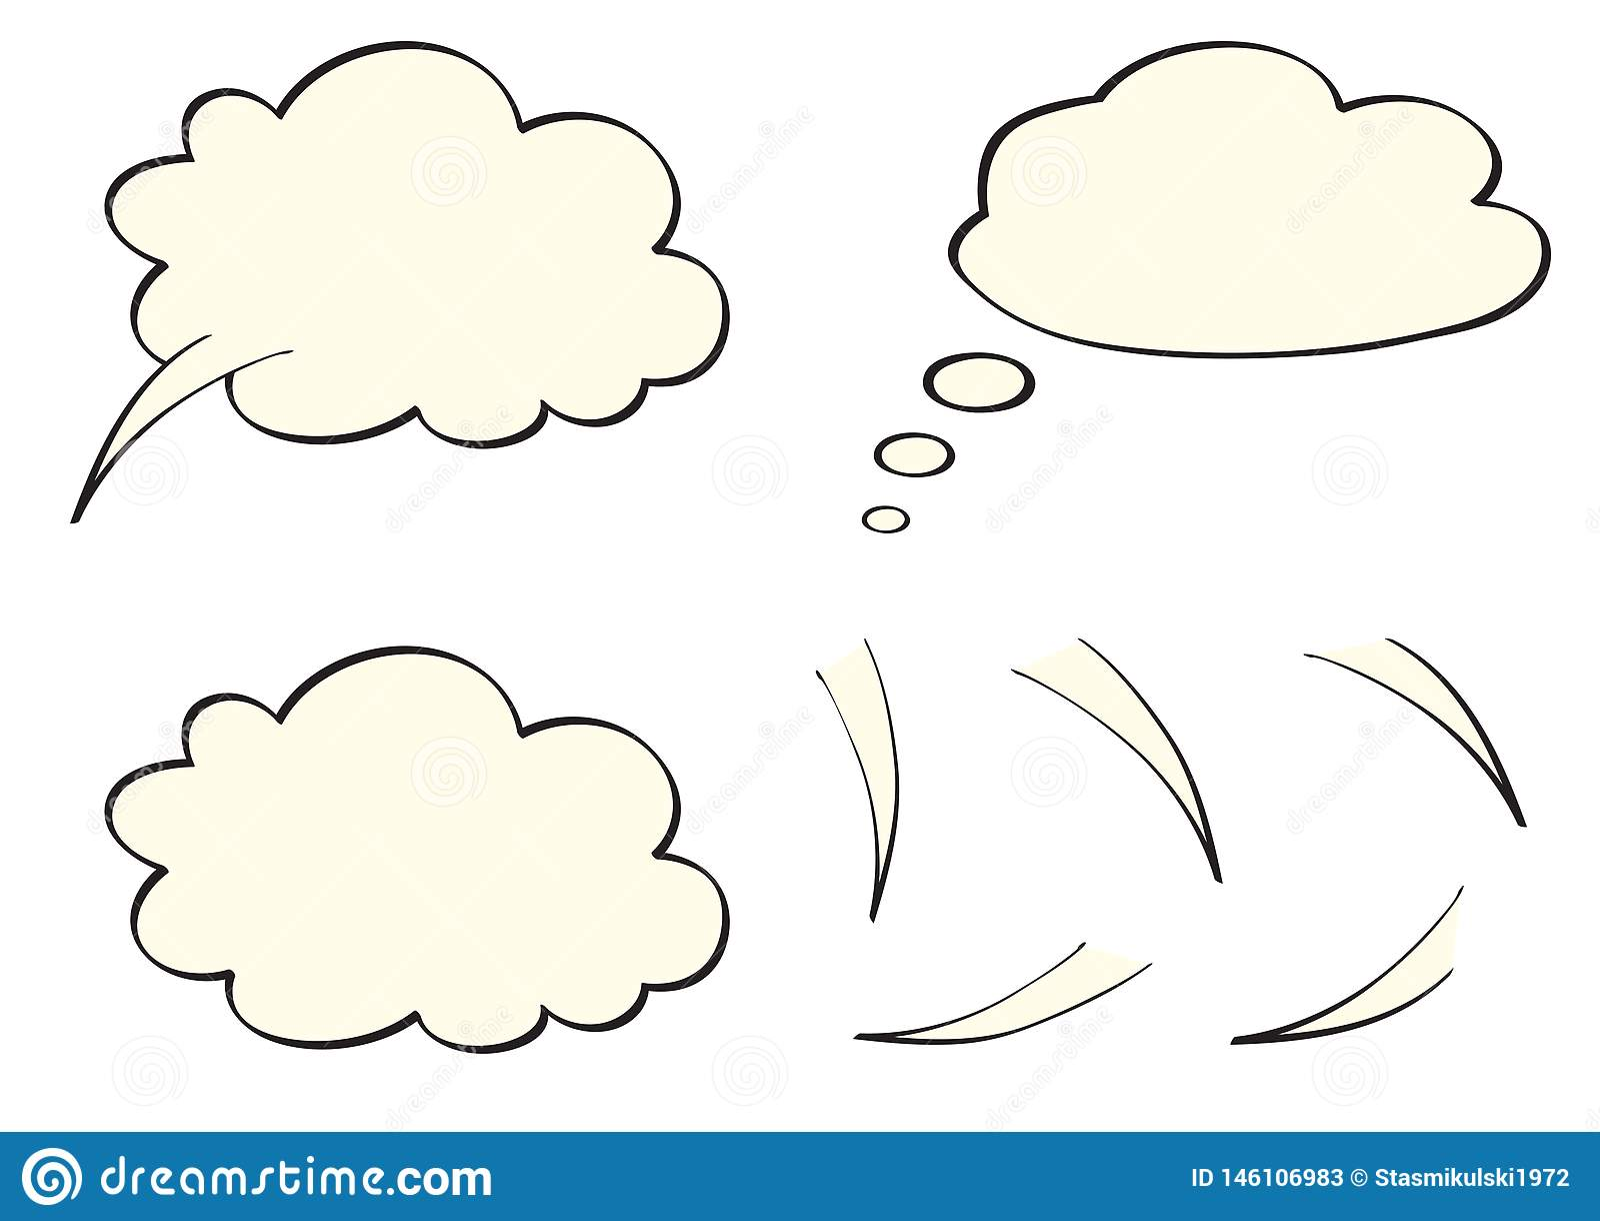 O discurso, pensa, bolhas do pensamento, como nuvens